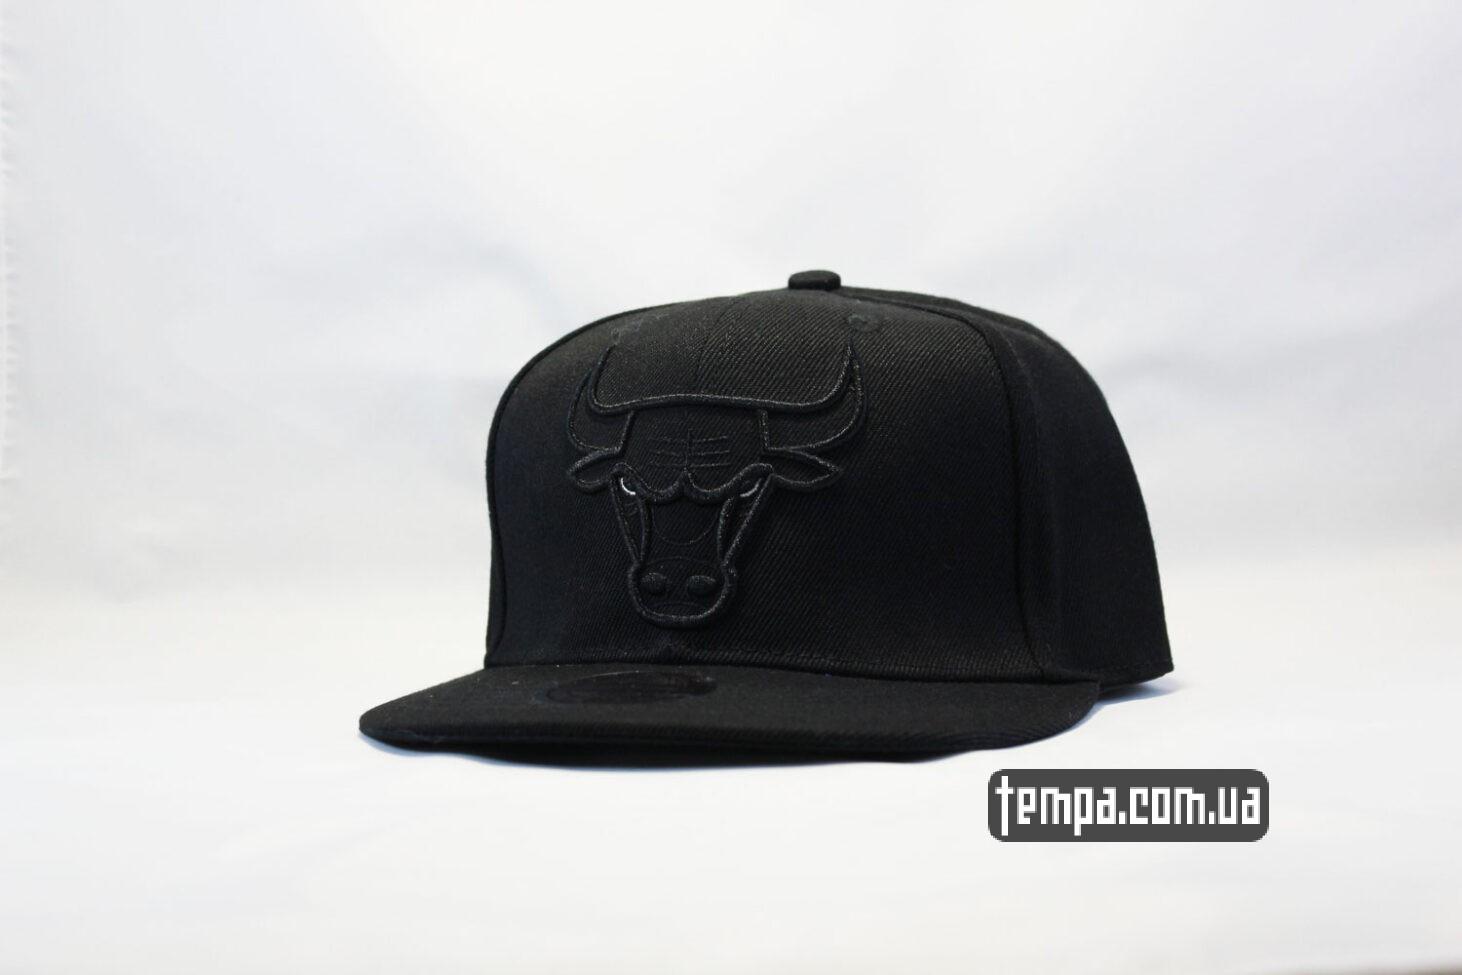 кепка snapback Chicago Bulls black New Era черная с черным быком